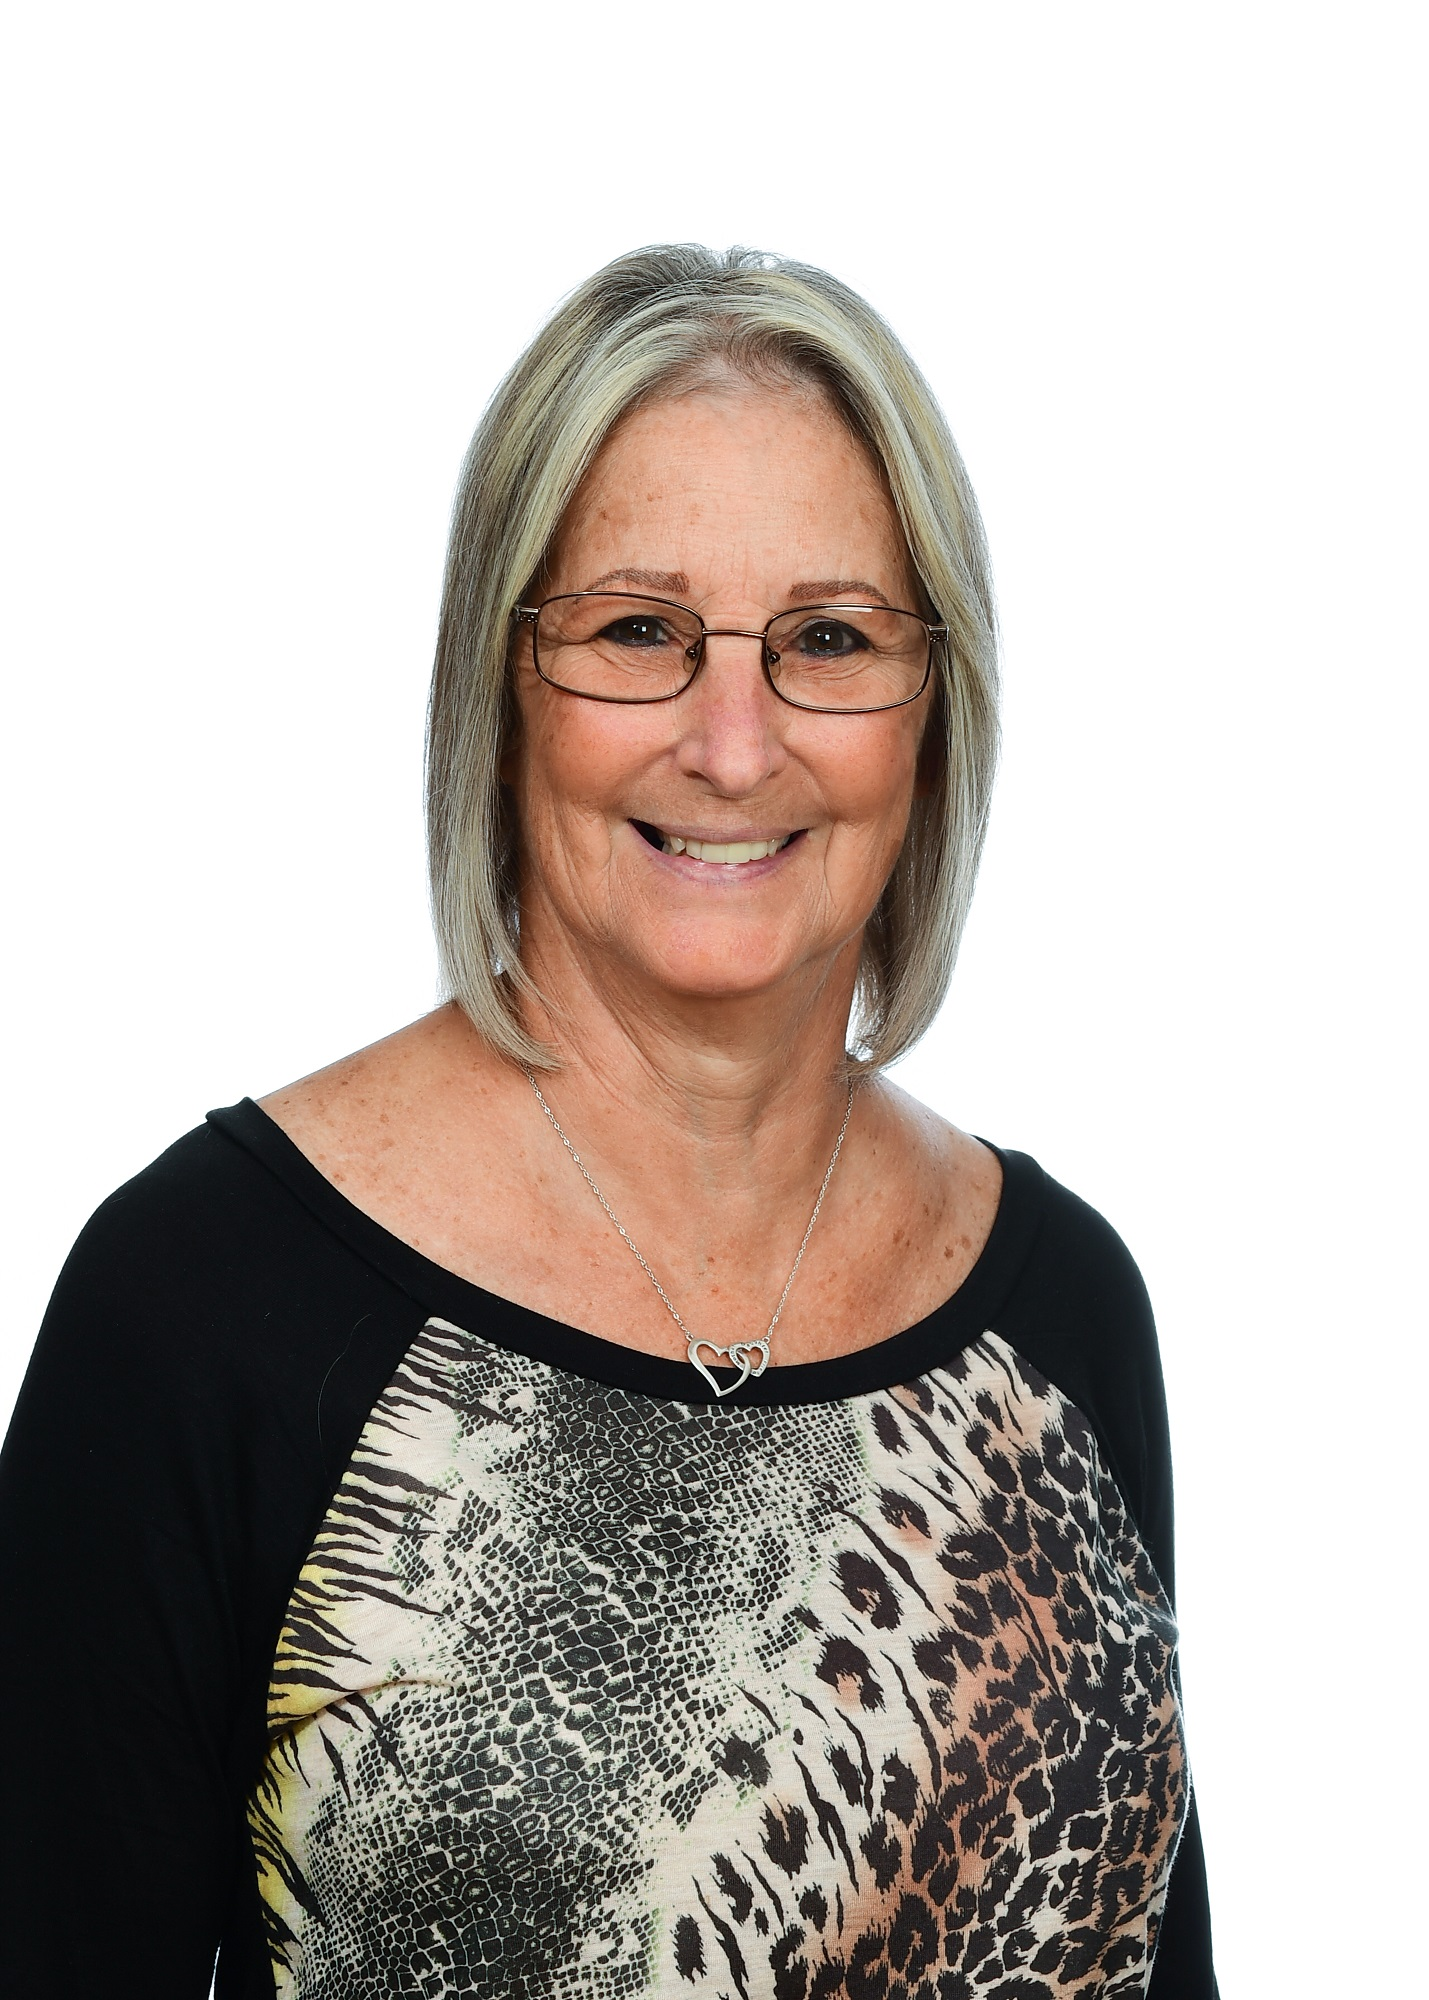 Linda Fisk